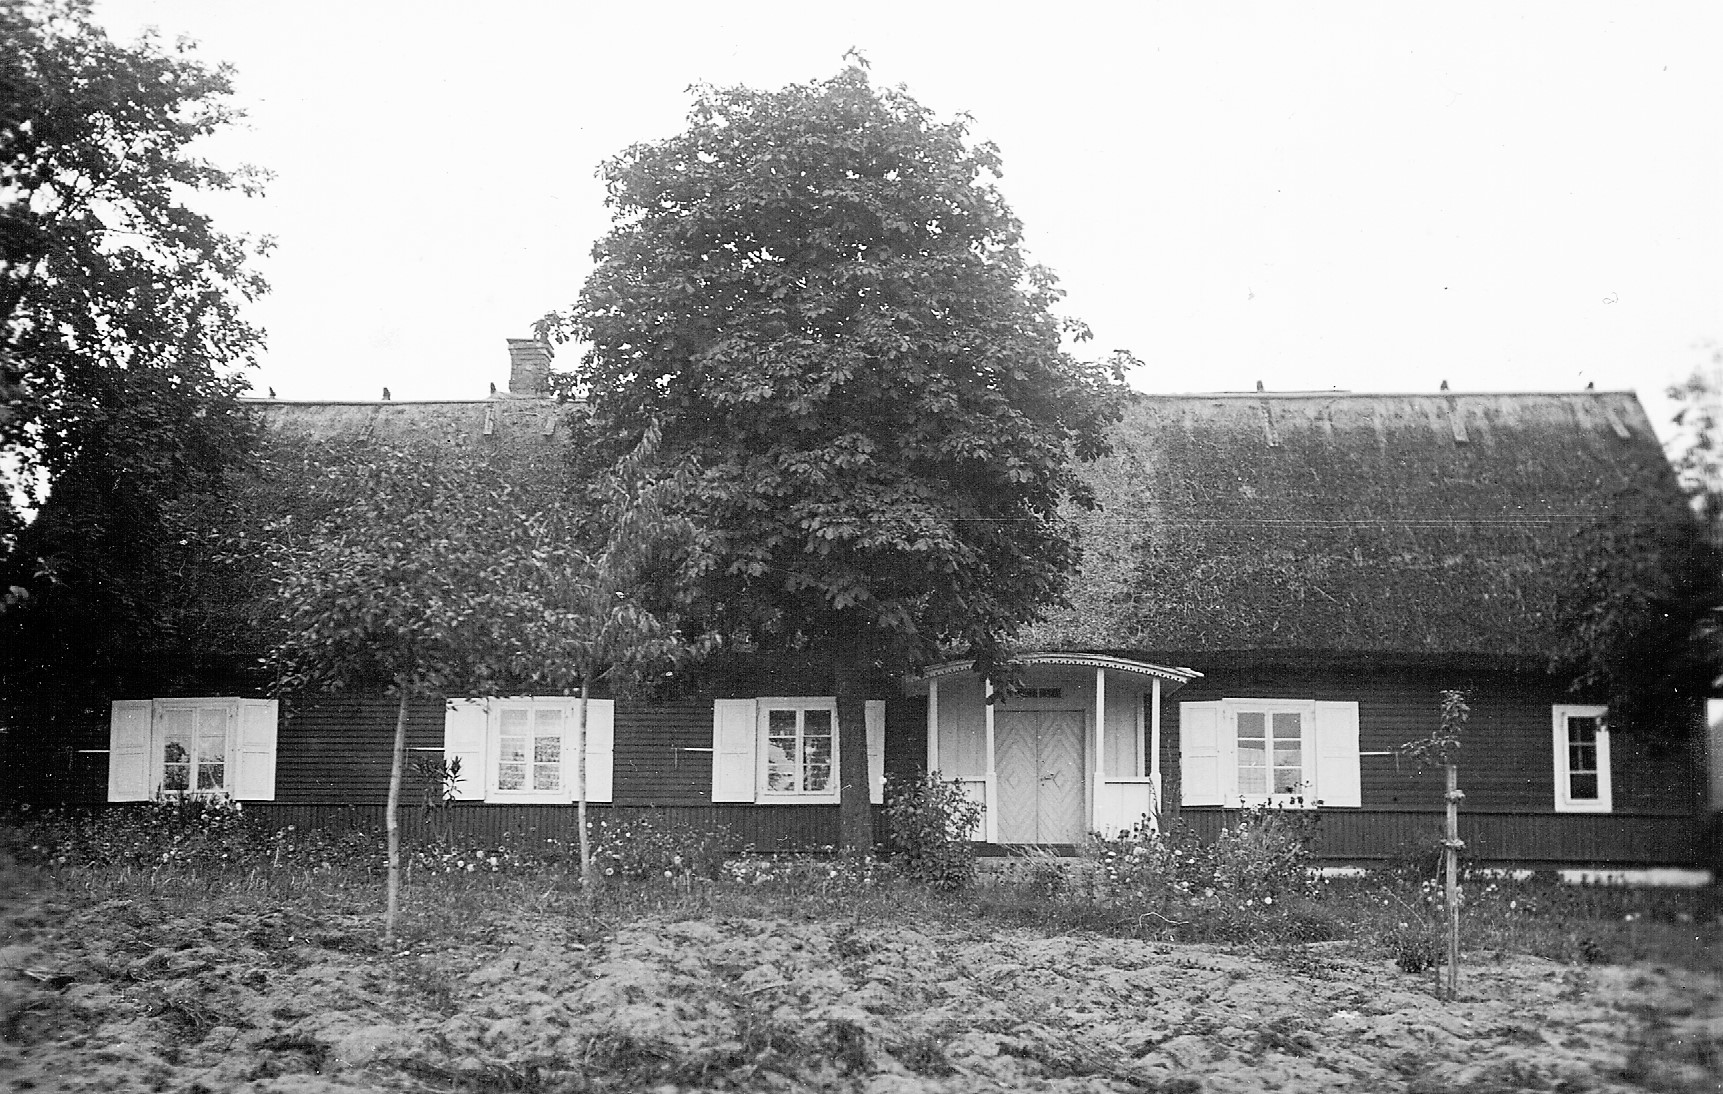 Plebania w Jaminach pobudowana w 1880 roku. Zdjęcie z 1938 roku.